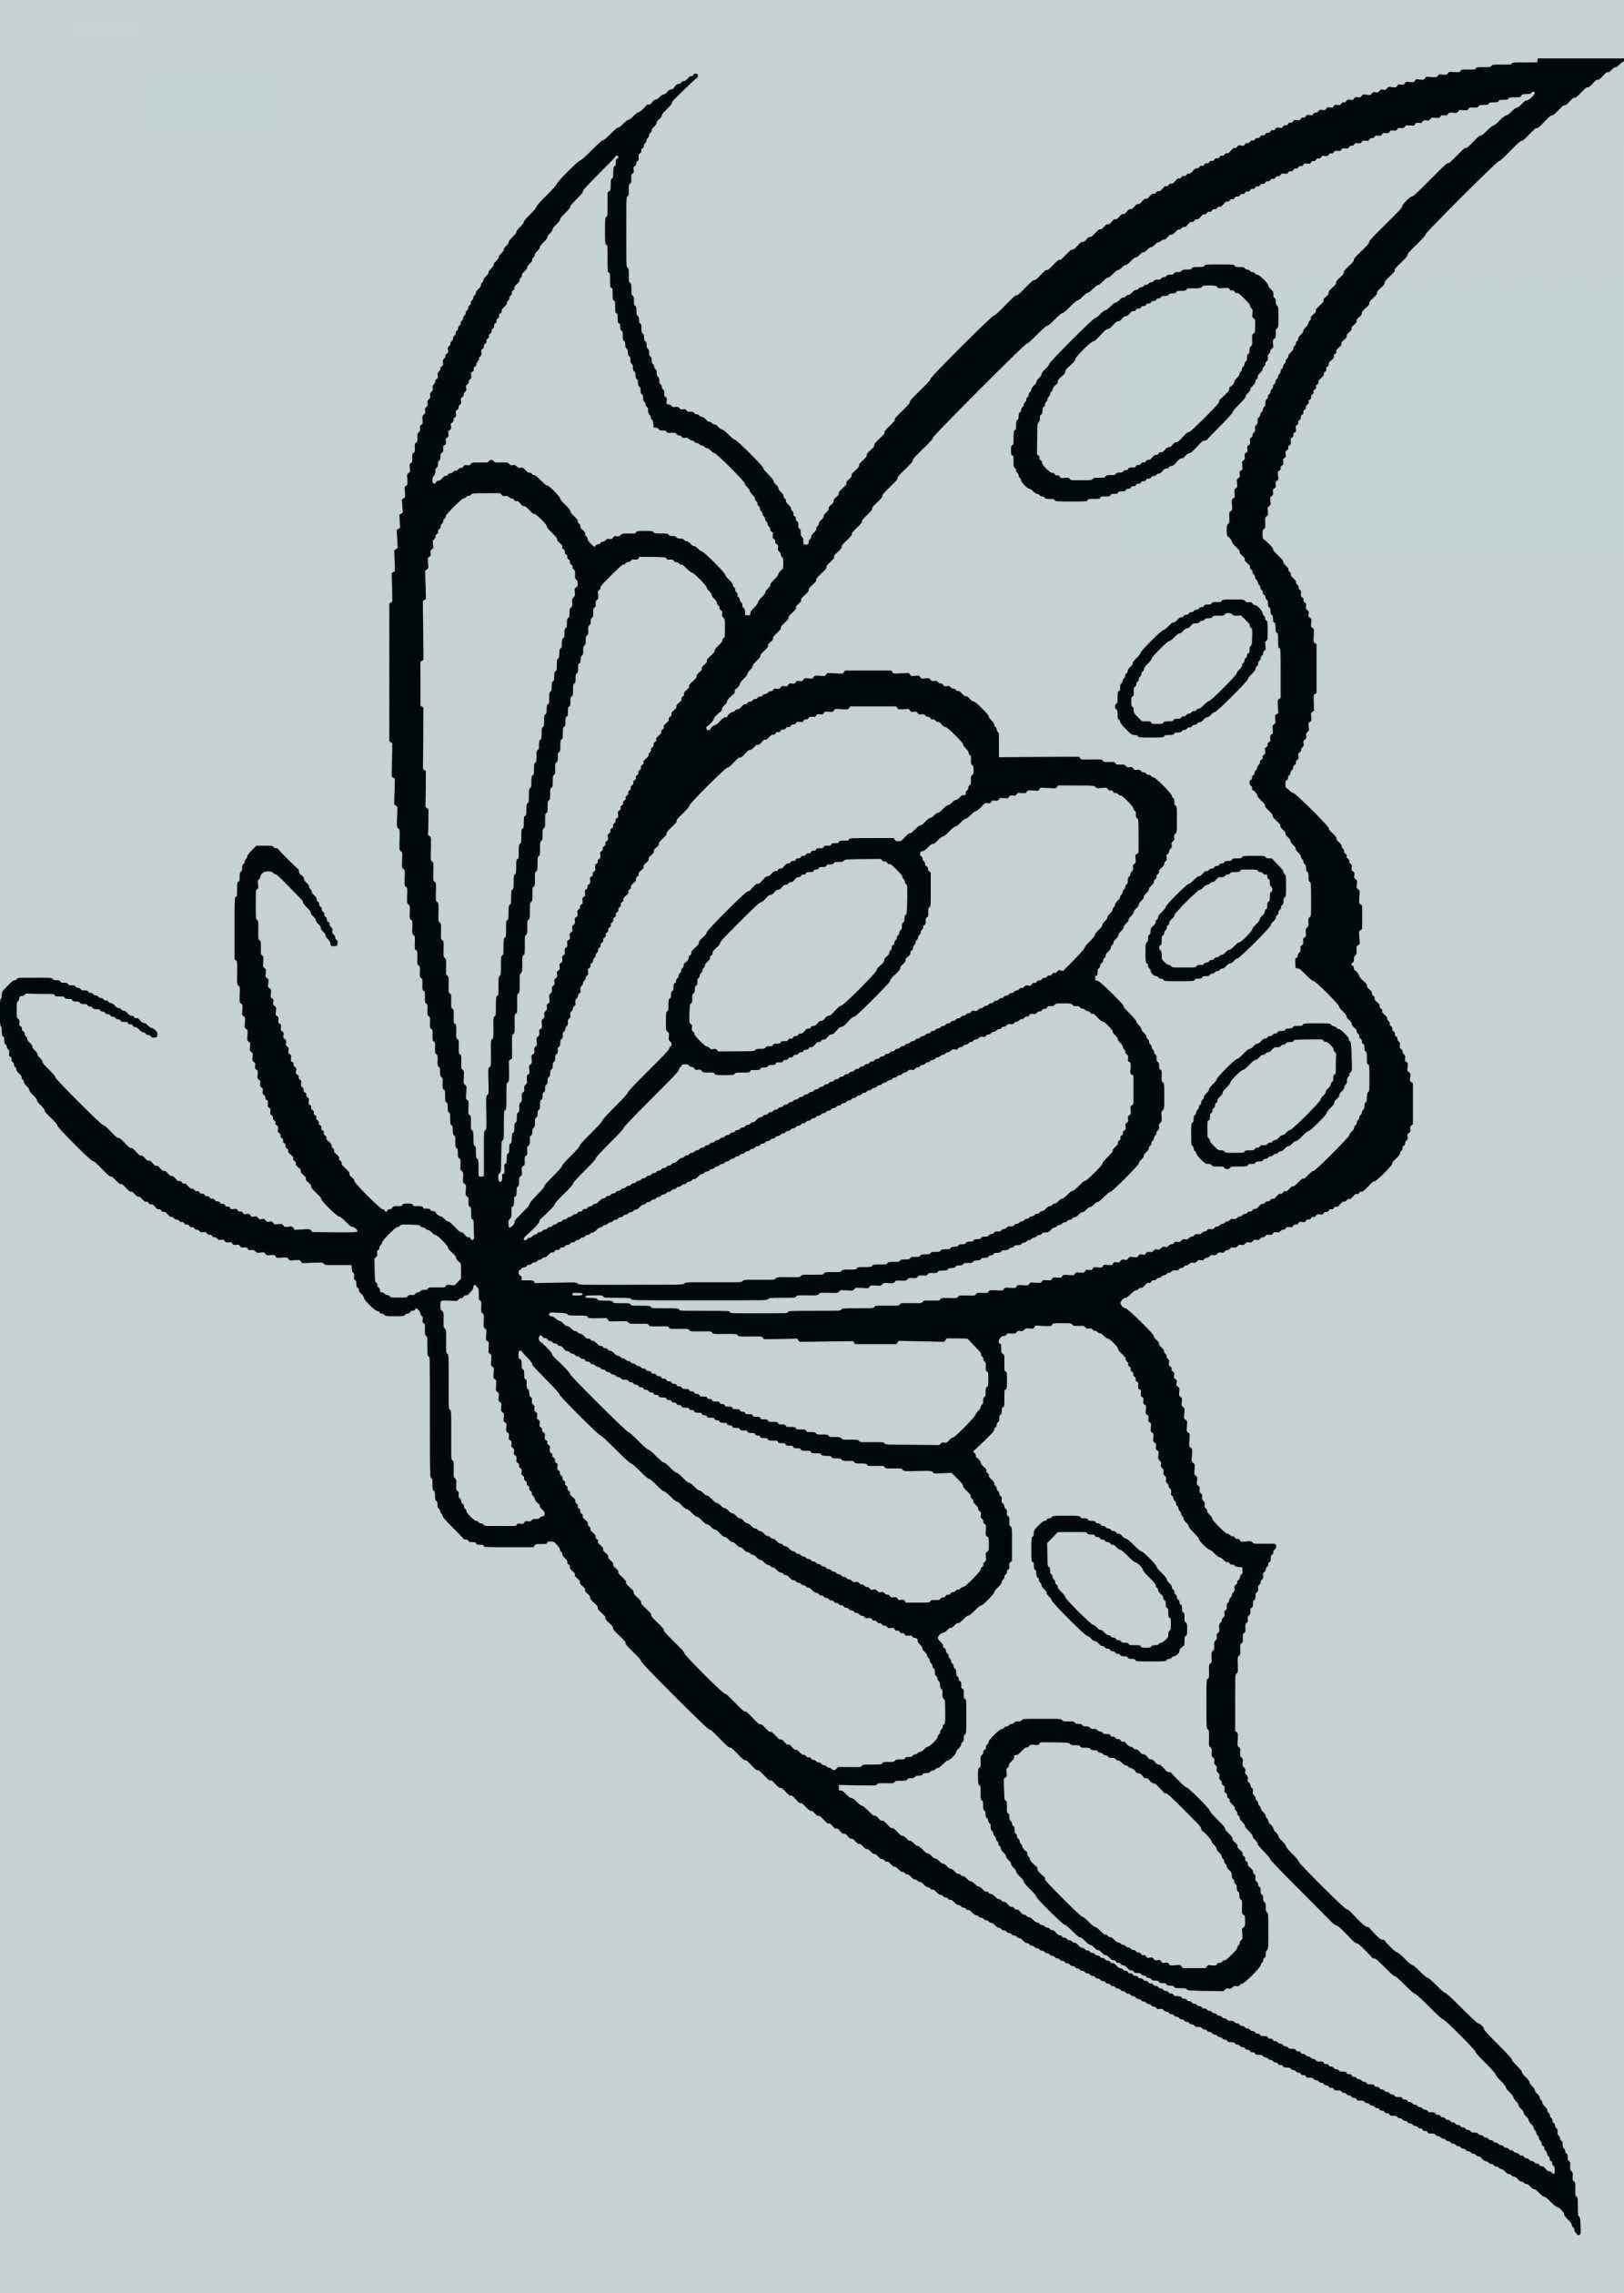 Neu Schmetterling Vorlagen Malvorlagen Malvorlagenfurkinder Malvorlagenfure In 2020 Butterfly Template Butterfly Drawing Butterfly Painting